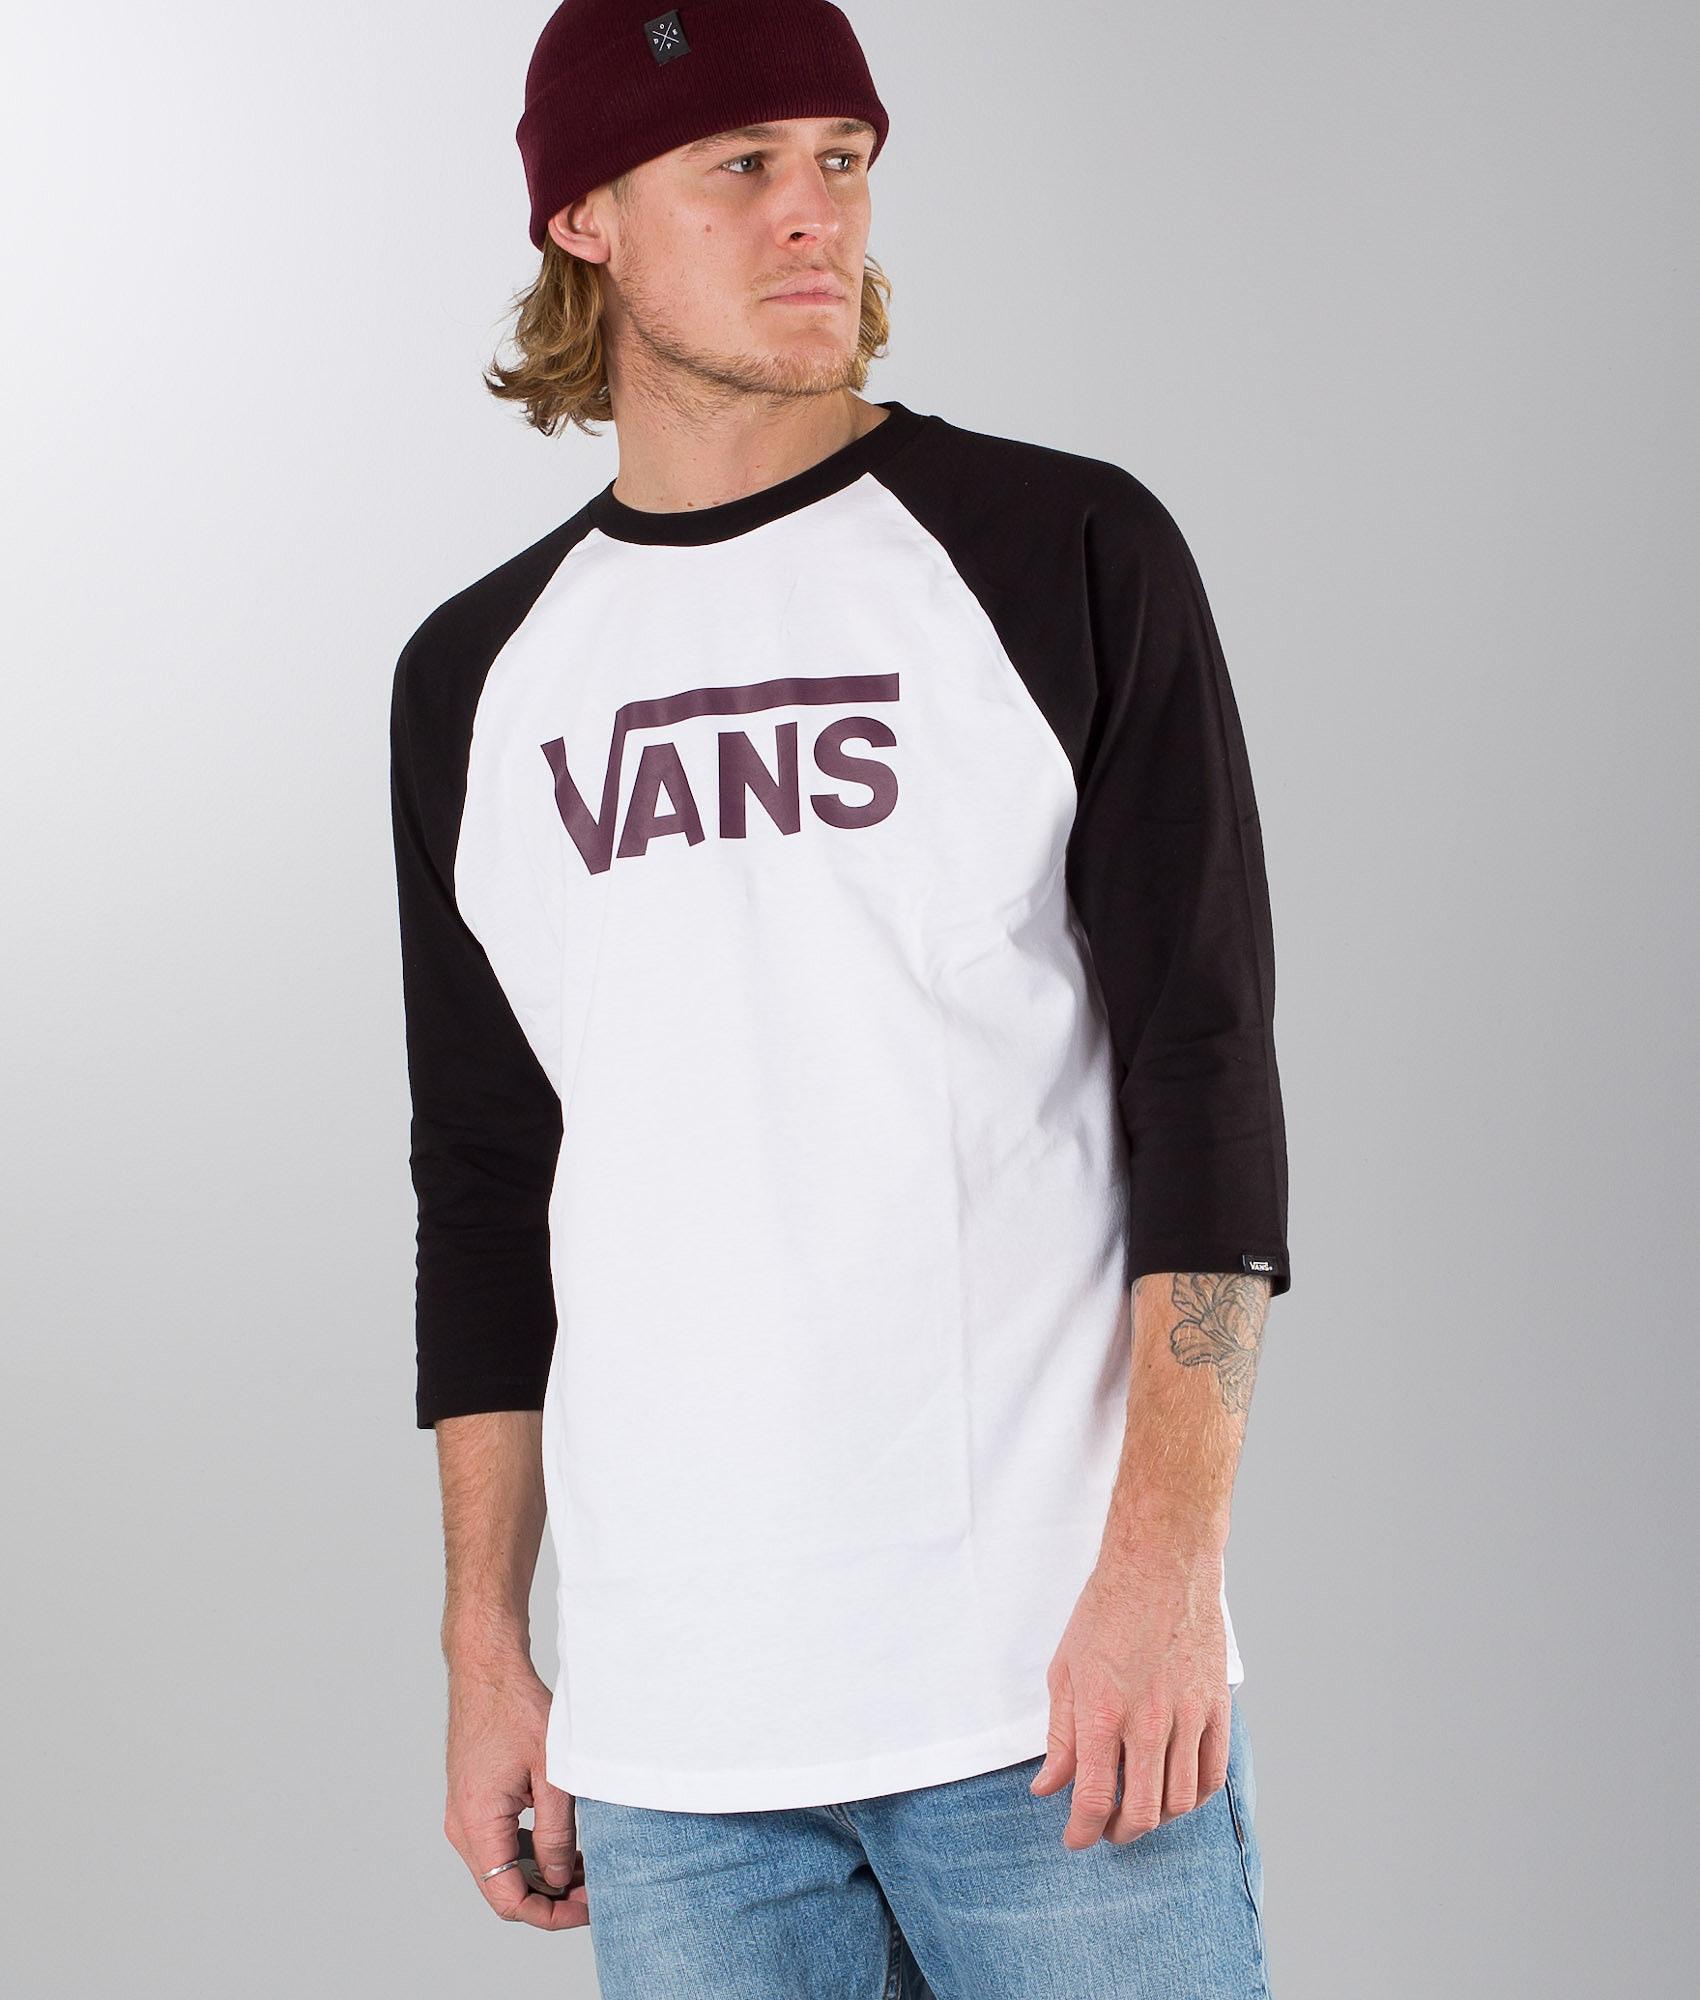 52eab14df6 Vans Classic Raglan T-shirt White-Black-Port Royale - Ridestore.com